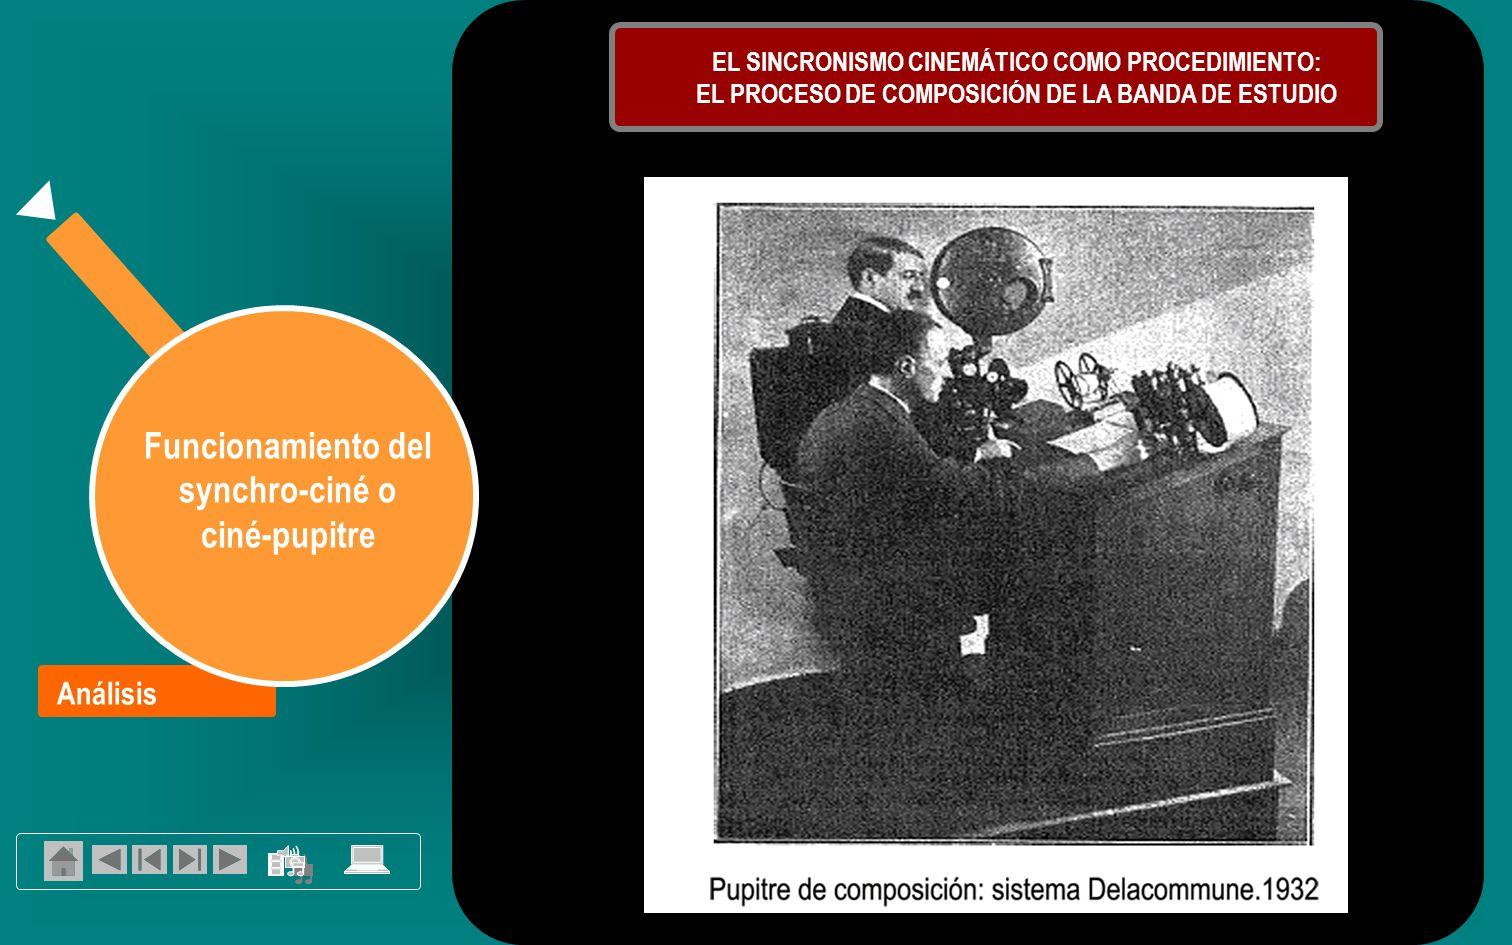 Análisis Funcionamiento del synchro-ciné o ciné-pupitre EL SINCRONISMO CINEMÁTICO COMO PROCEDIMIENTO: EL PROCESO DE COMPOSICIÓN DE LA BANDA DE ESTUDIO